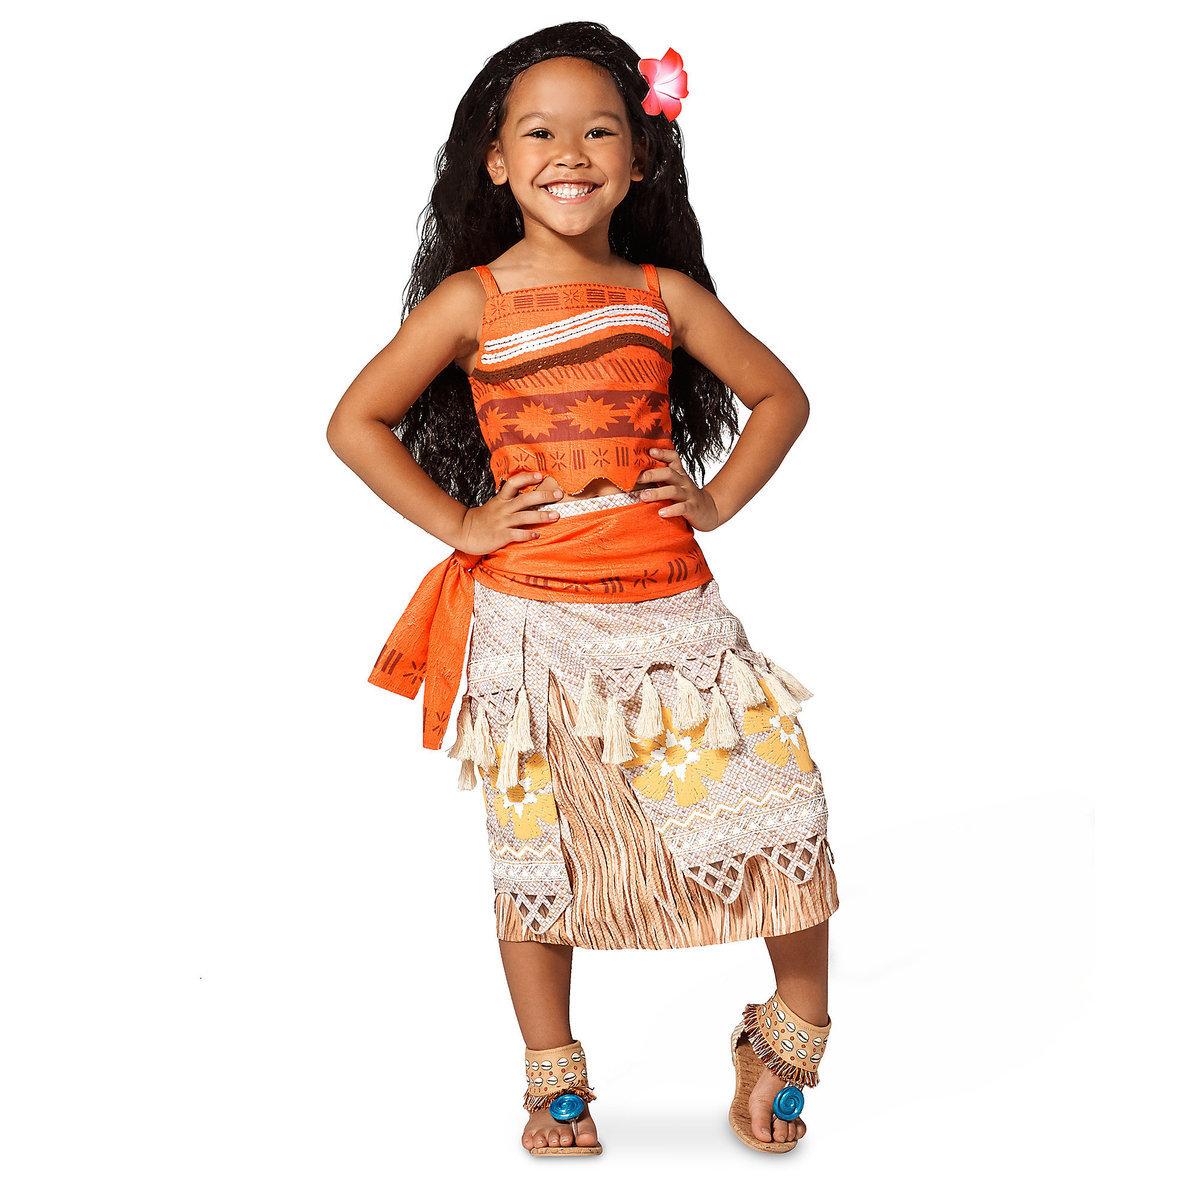 ชุดคอสตูมสำหรับเด็ก Disney Costume for Kids (Moana)